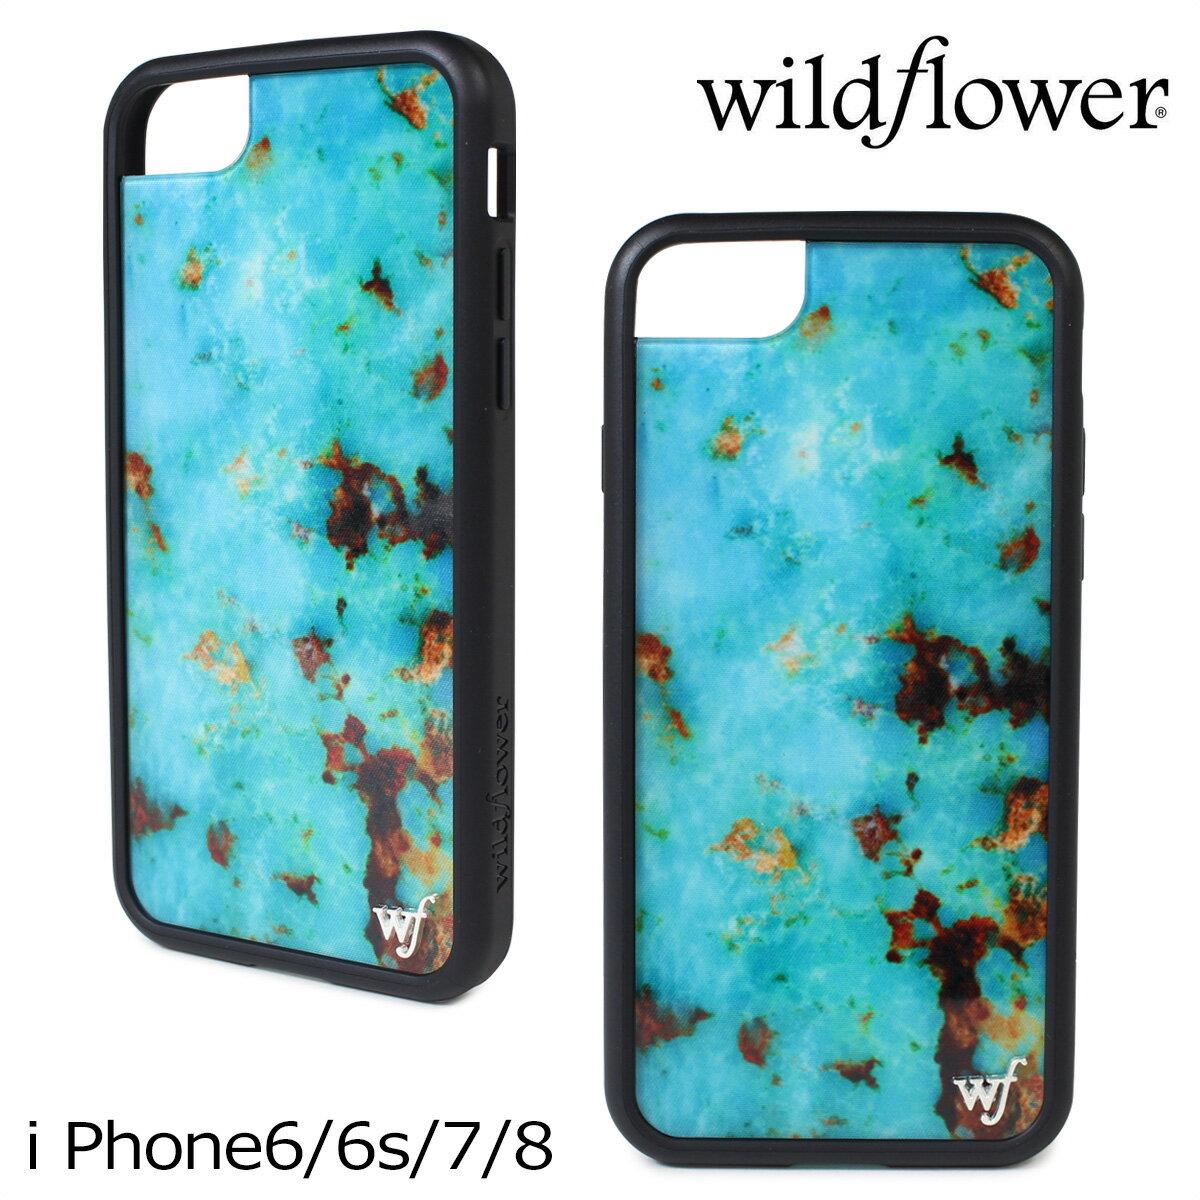 wildflower ケース スマホ iPhone8 ワイルドフラワー iPhone ケース 7 6 6s アイフォン レディース ハンドメイド [12/1 追加入荷]【ネコポス可】